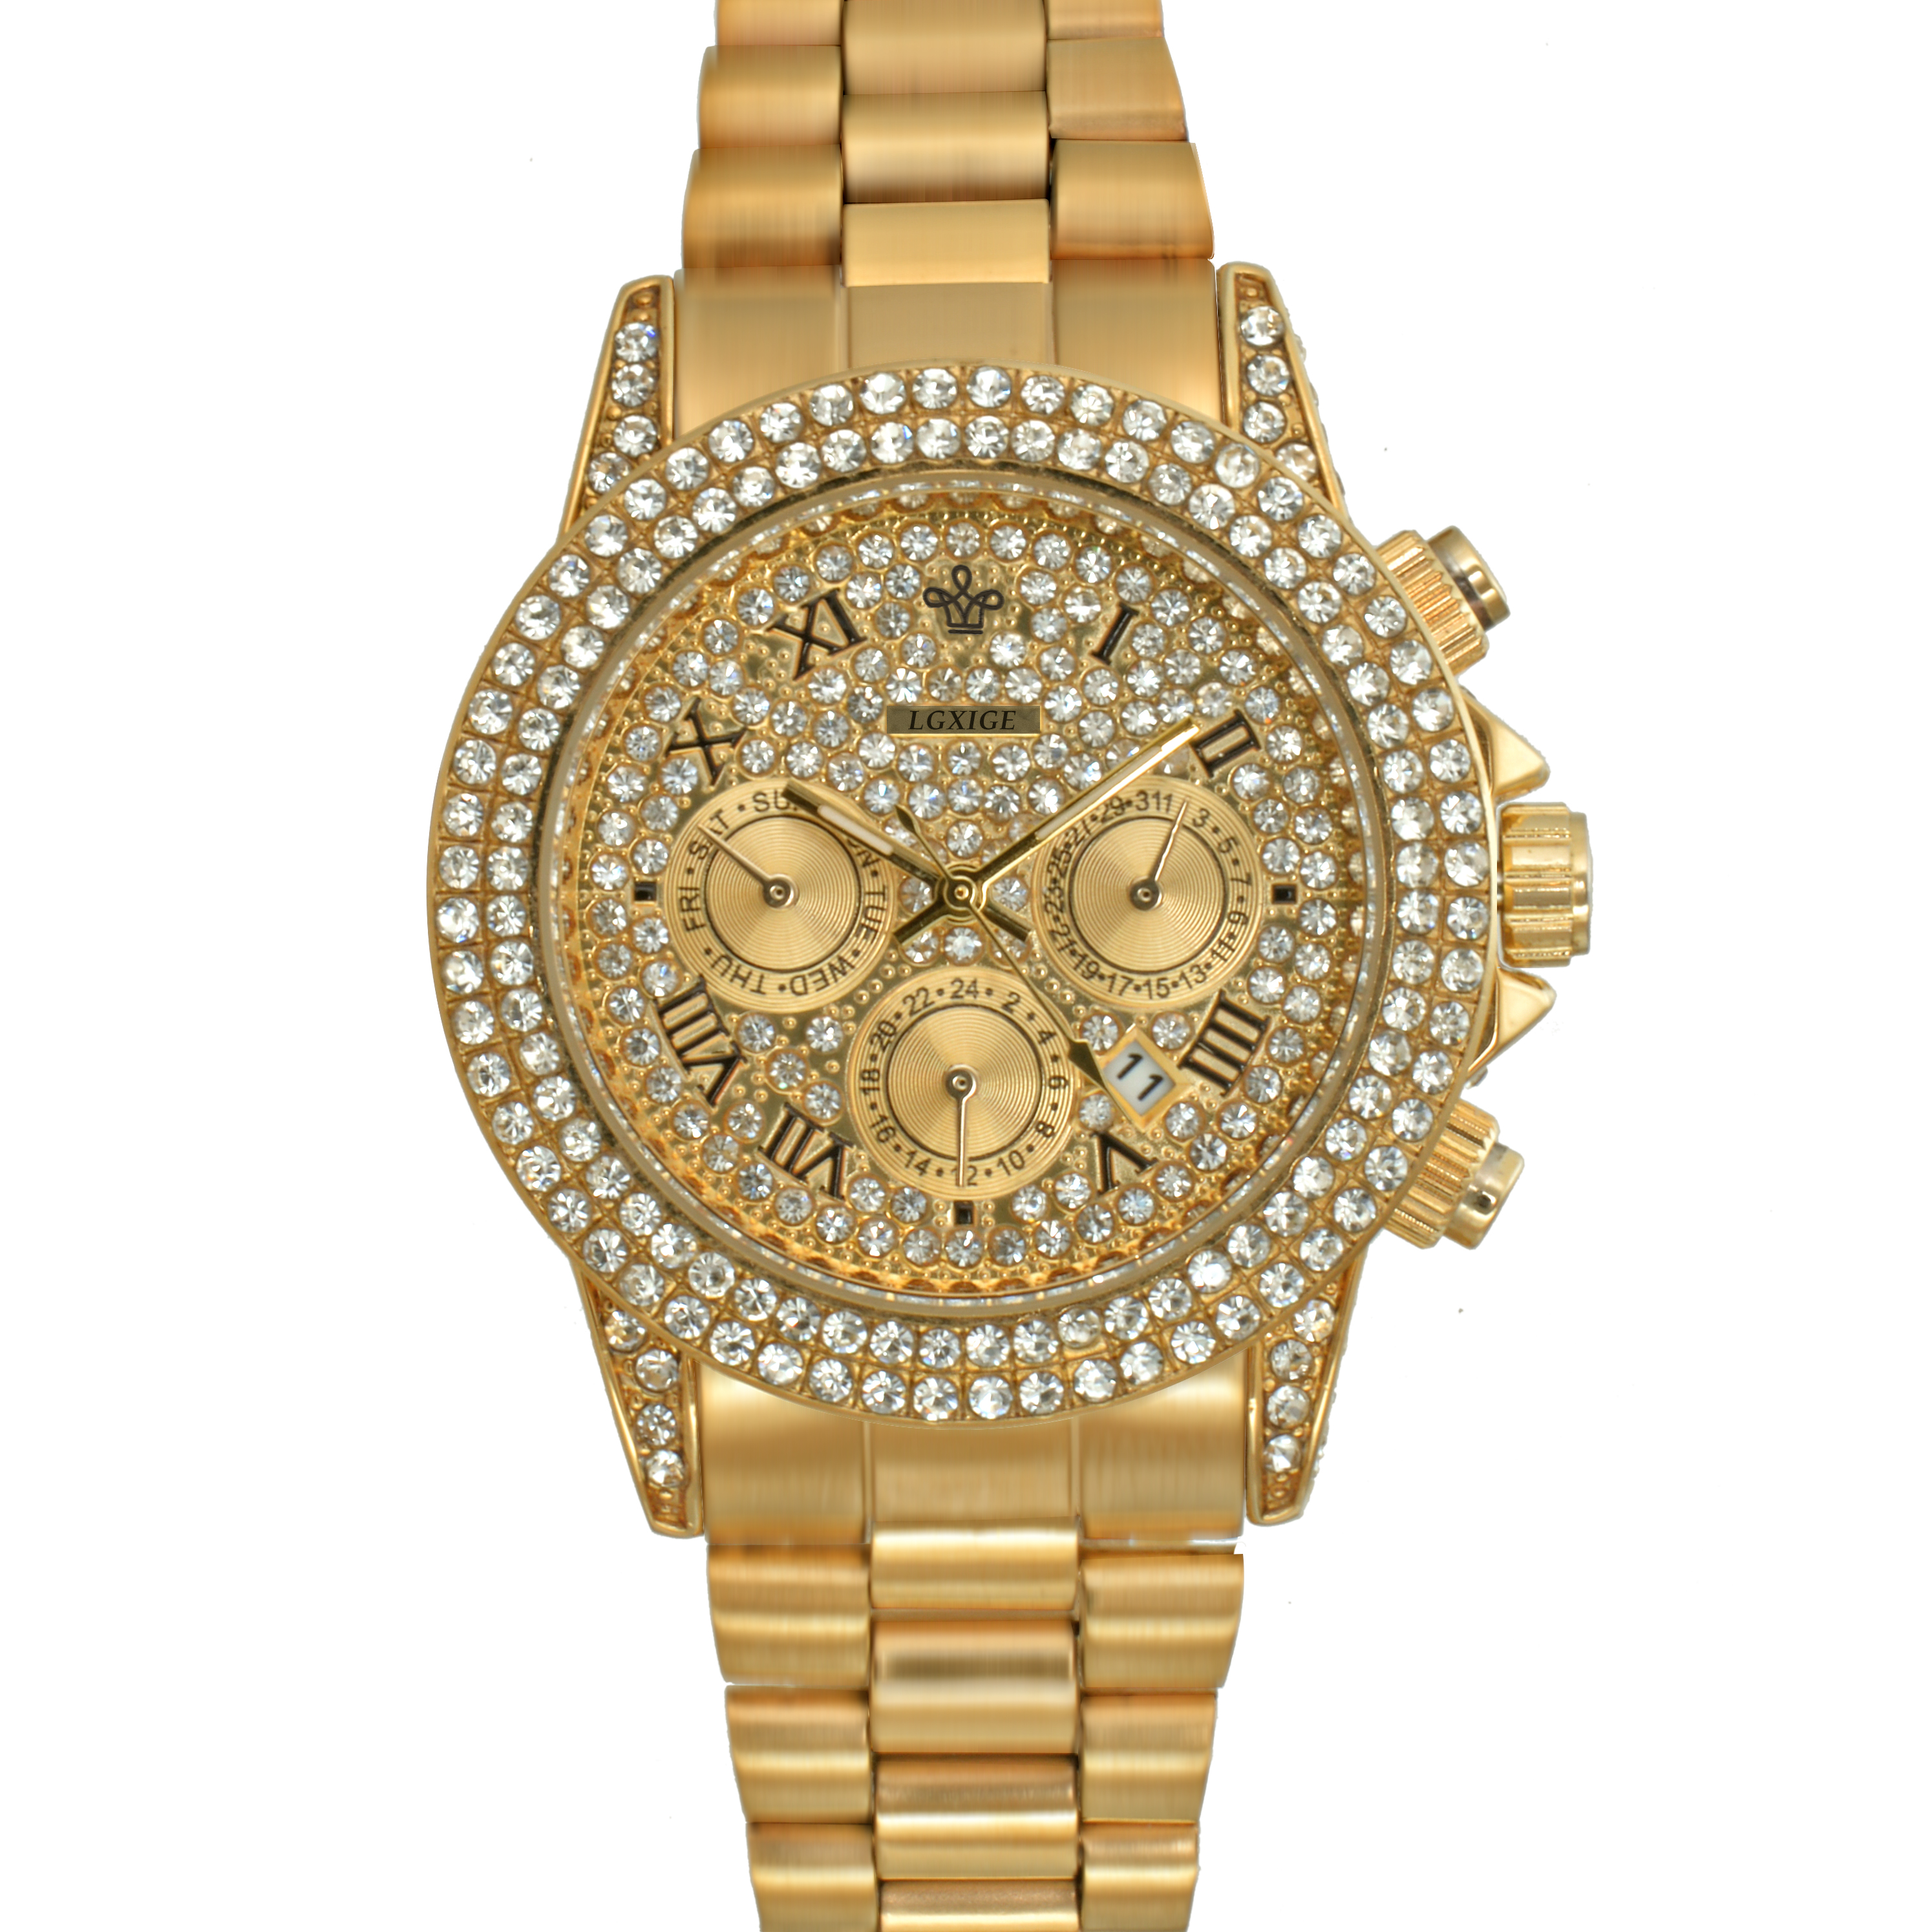 Dropshipping Diamonds Luxury Watch Top Brand Fashion Watch Men Quartz Waterproof 18K Gold Watch Chronograph Rolexable Wristwatch